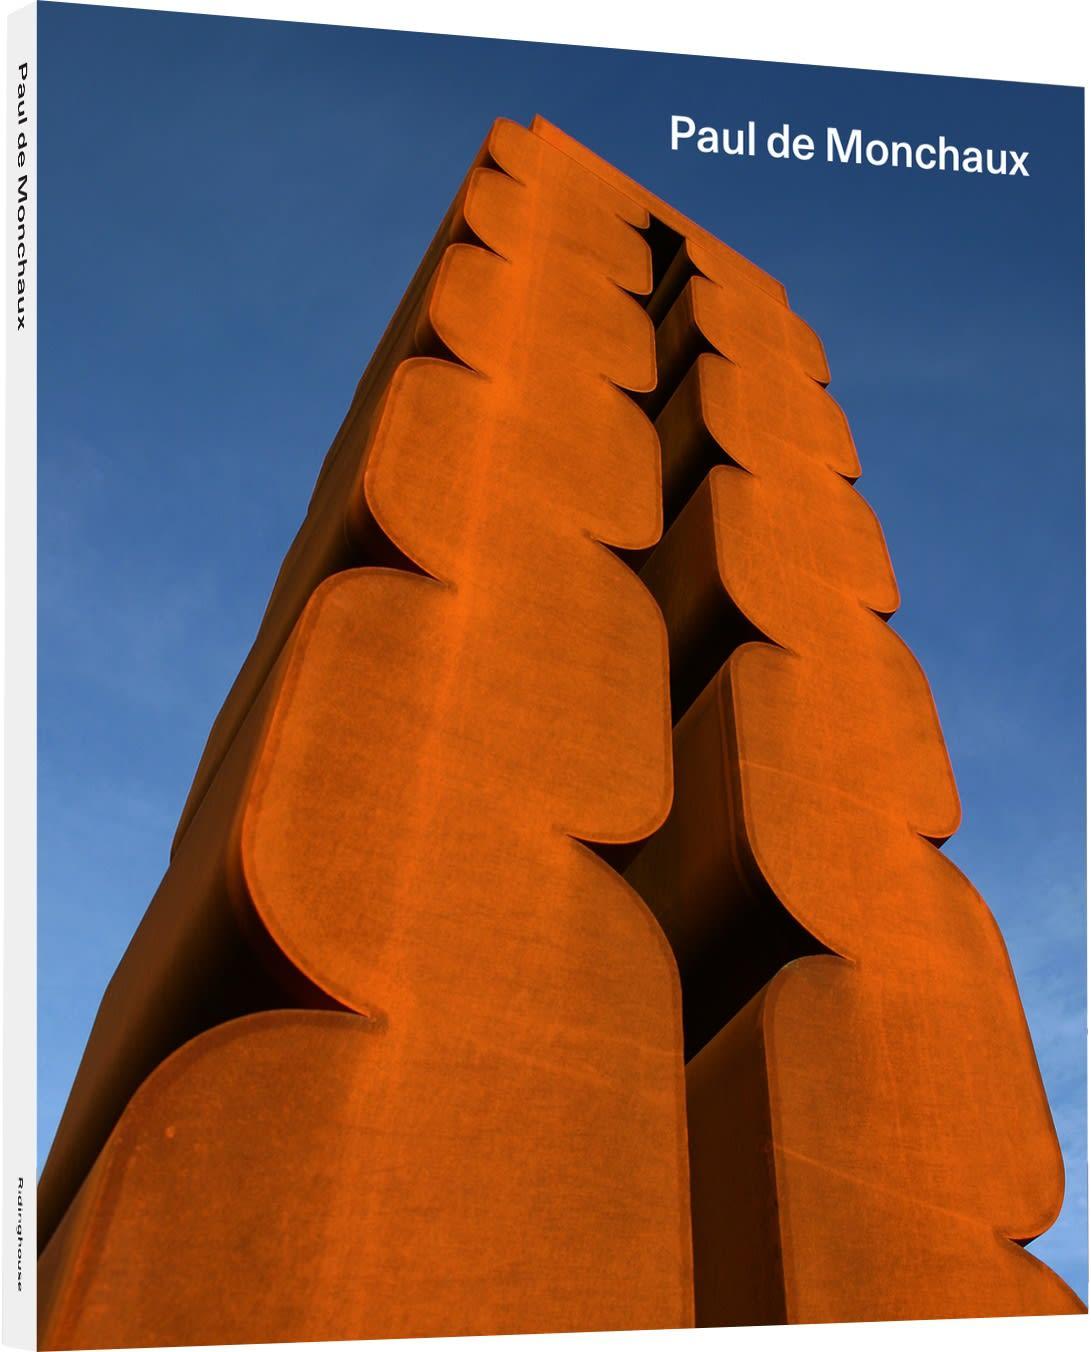 Paul de Monchaux